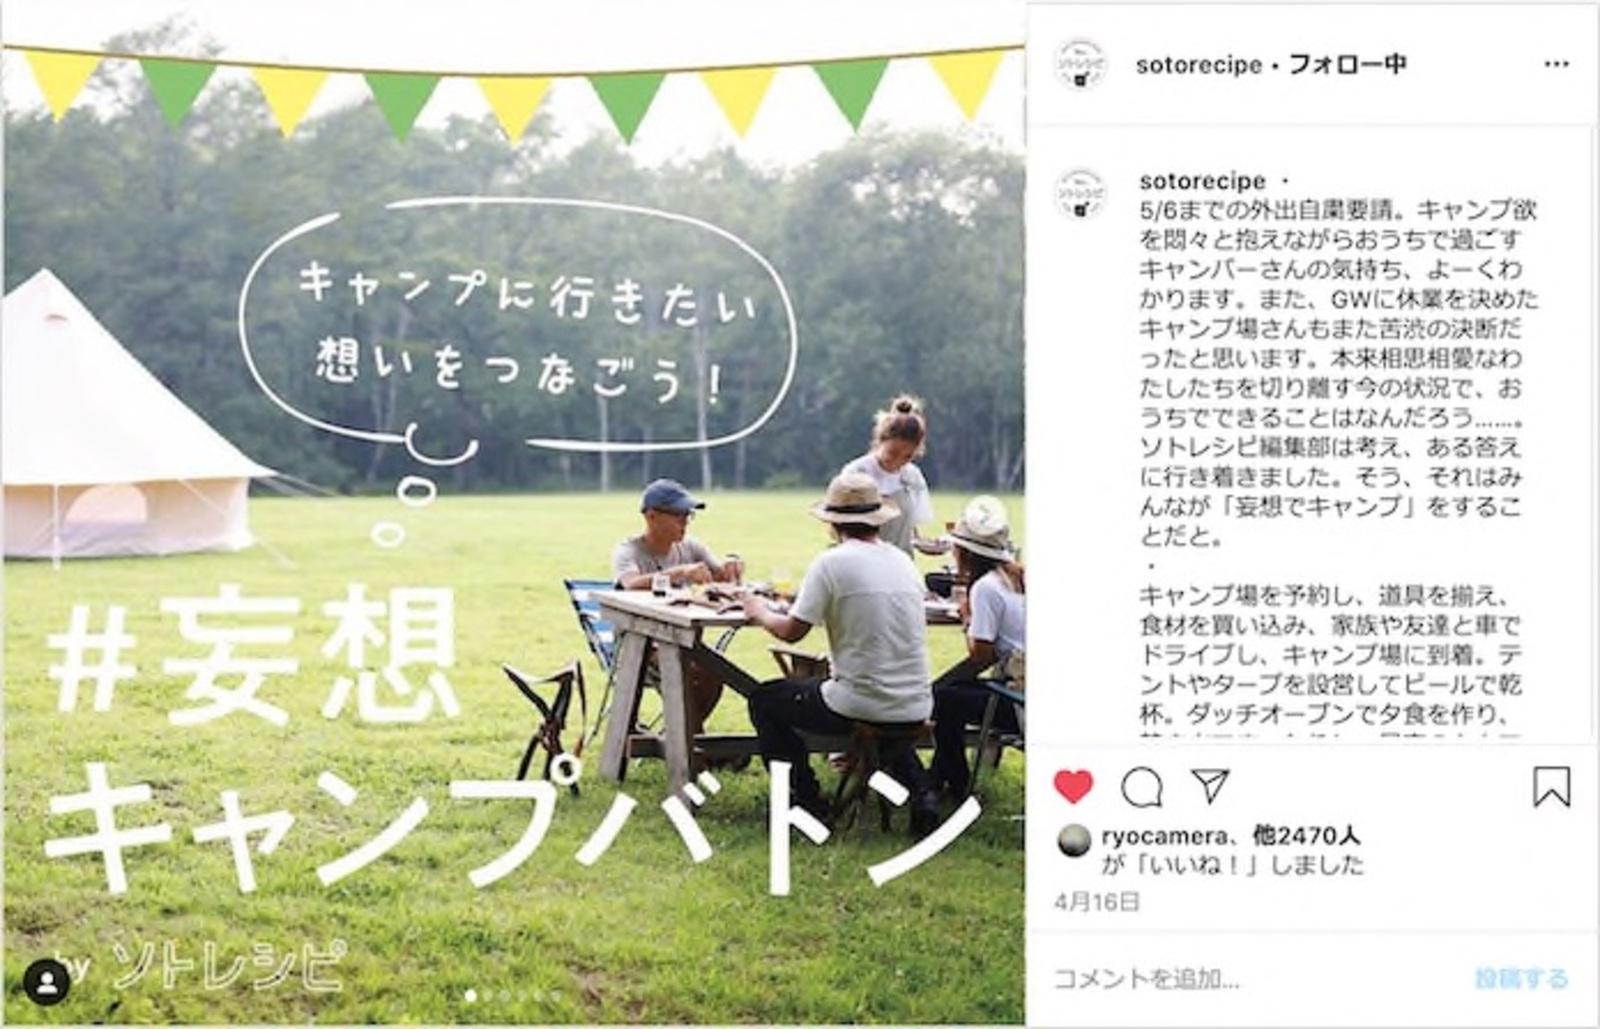 【#妄想キャンプバトン】想像で楽しむ!キャンパーがもう一度行きたいキャンプ場TOP10